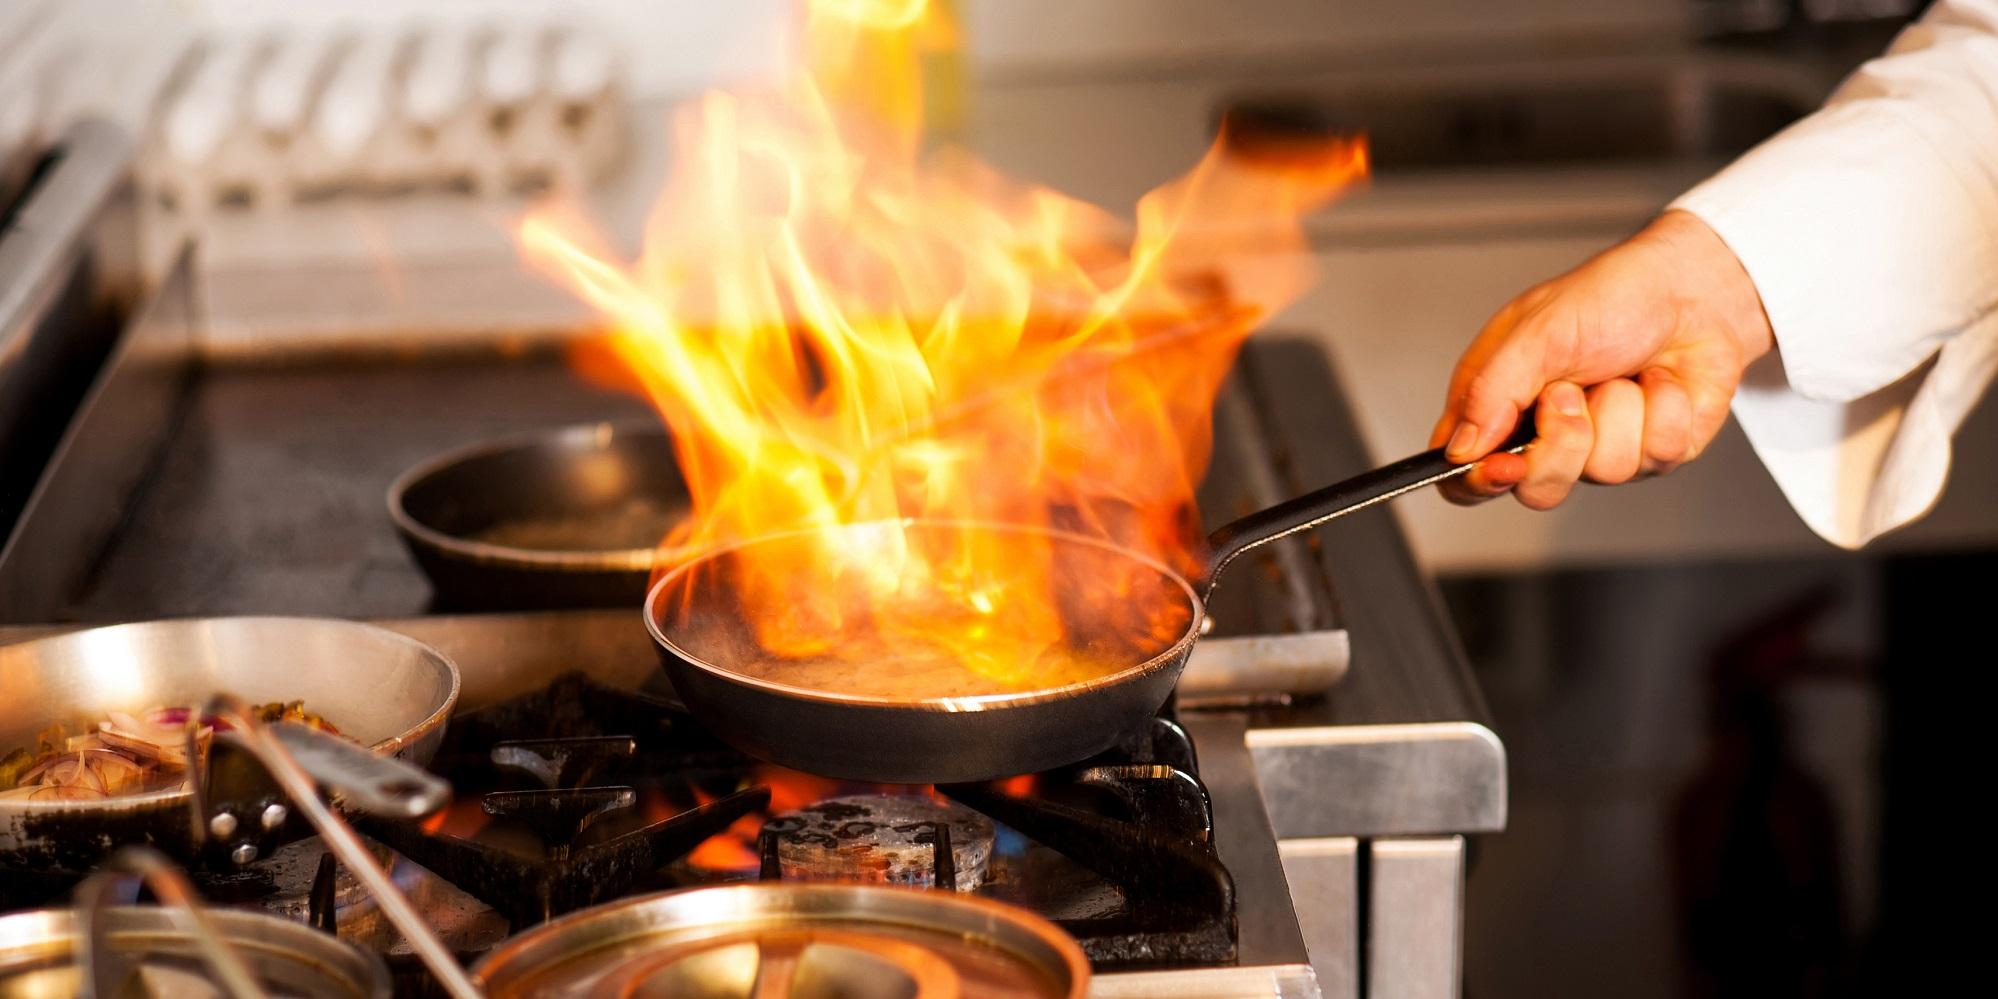 Küche Feuer